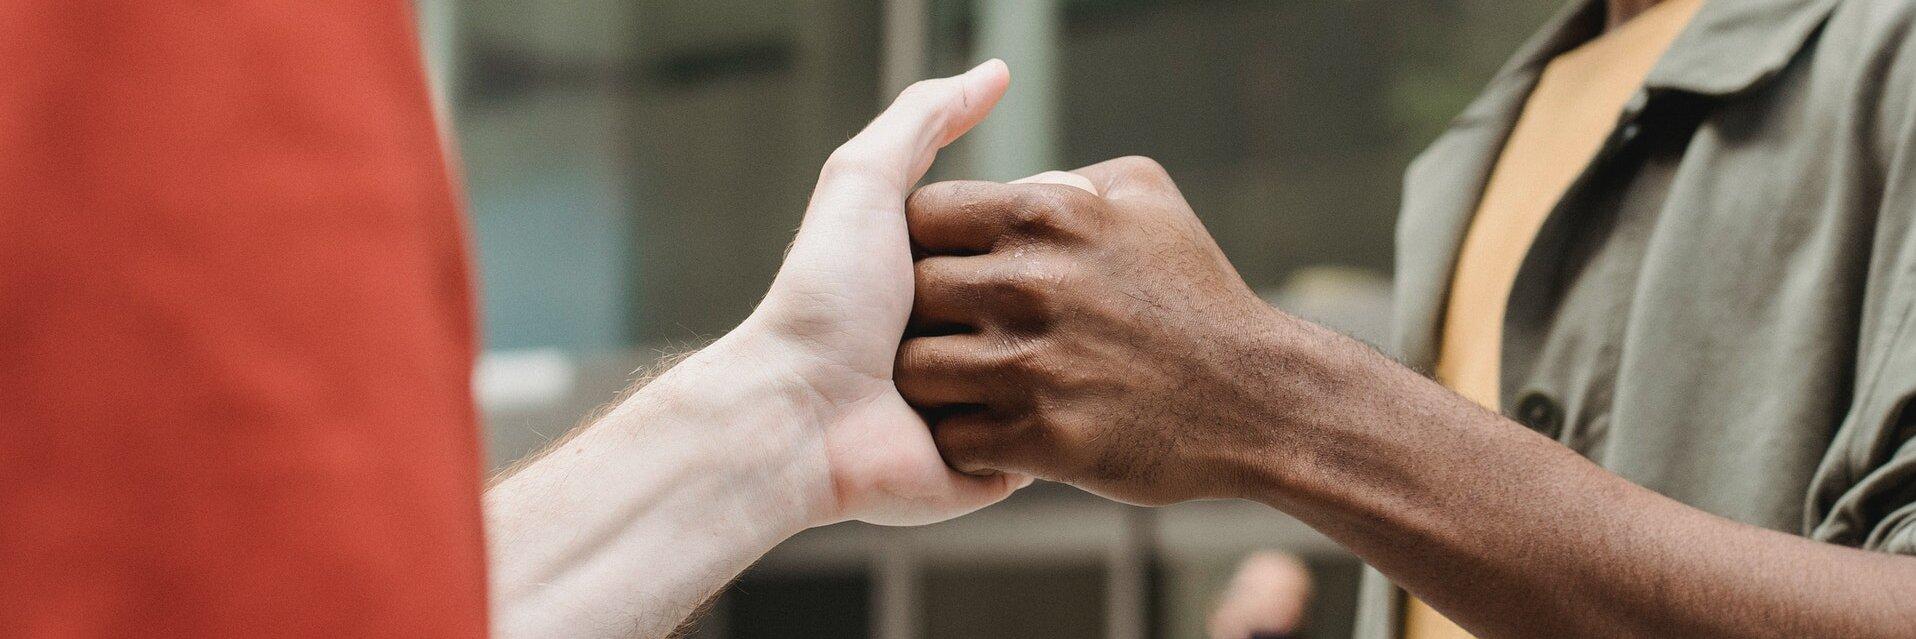 Zwei Menschen geben sich die Hand.